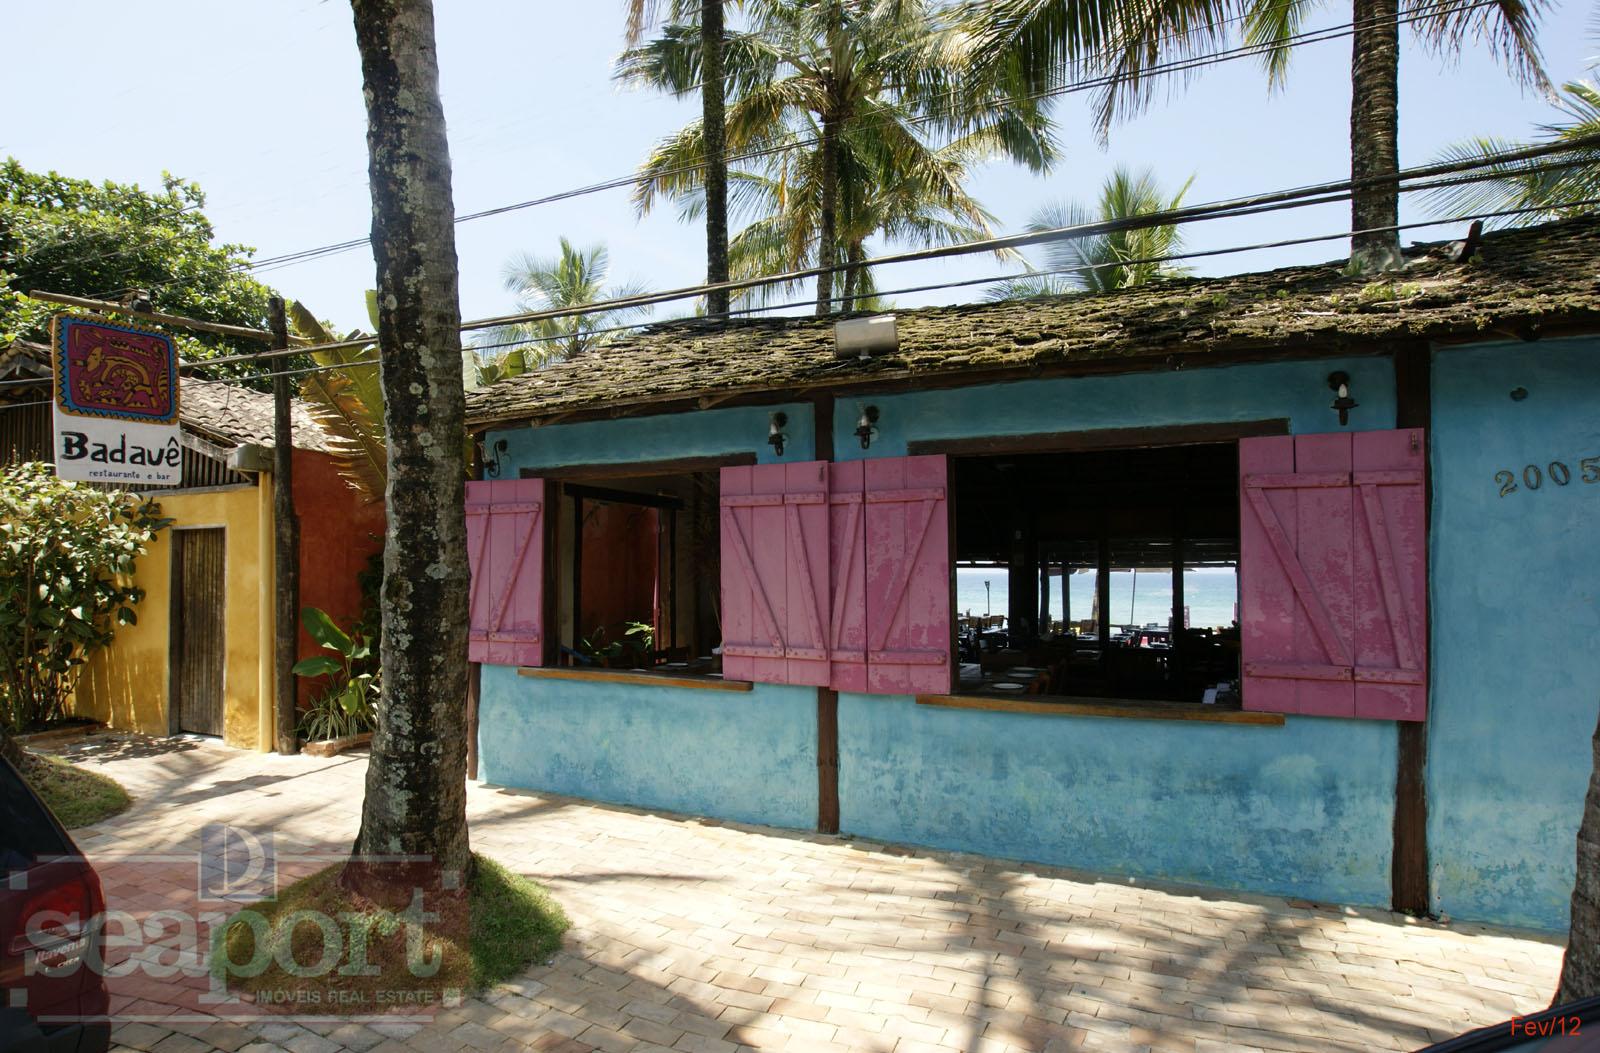 Restaurante e Bar Badauê, pé na areia, vizinho ao condomínio